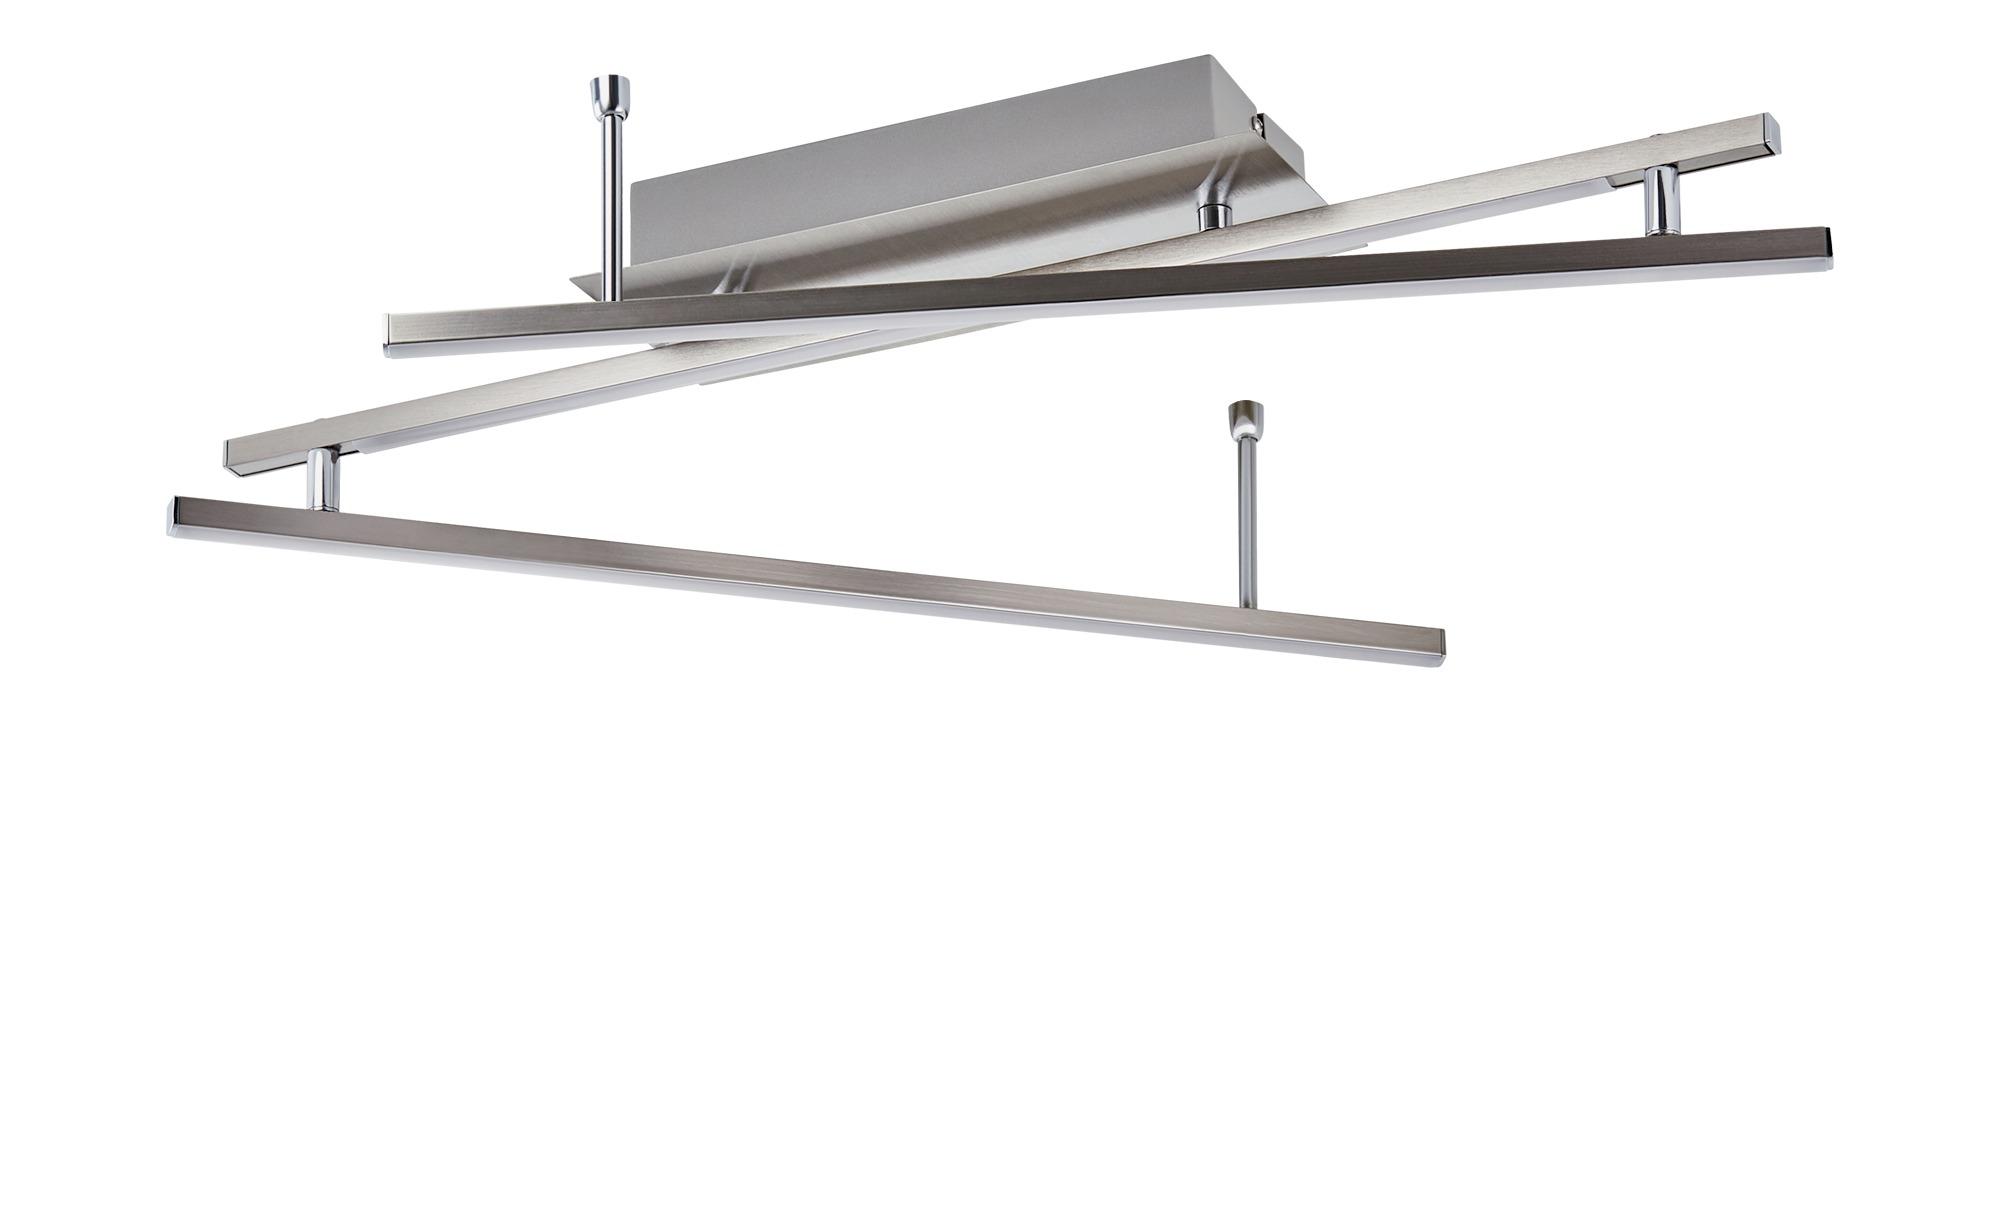 KHG LED-Deckenleuchte, 3-flammig LED-Deckenleuchte 3-flammig ¦ Maße (cm): B: 8 H: 10 Lampen & Leuchten > Innenleuchten > Deckenleuchten - Höffner